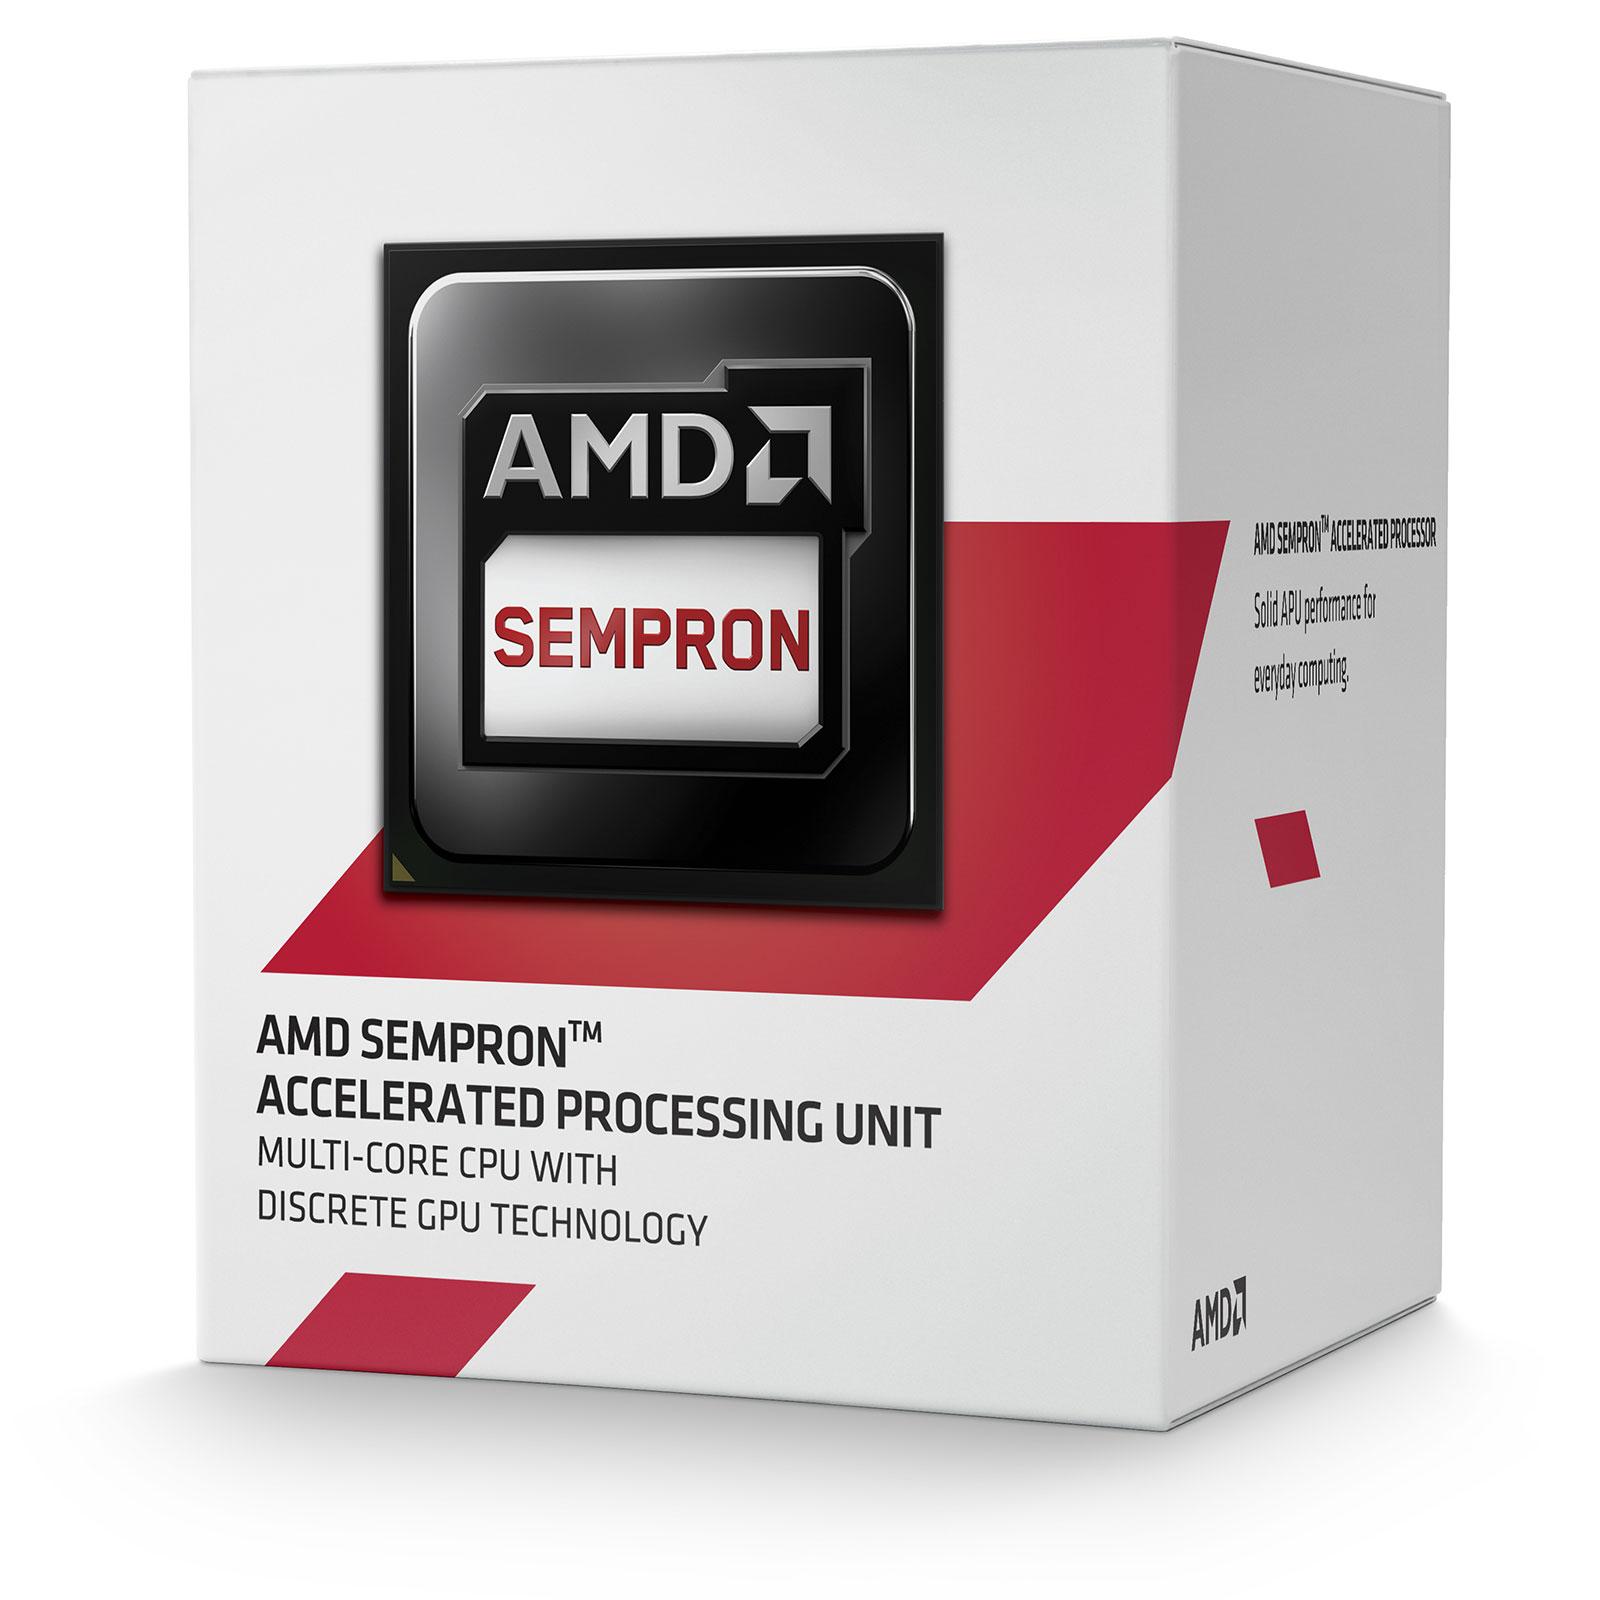 Processeur AMD Sempron 2650 (1.45 GHz) Processeur Dual Core Socket AM1 (FS1b) 0.028 micron Cache L2 1 Mo (version boîte - garantie constructeur 3 ans)